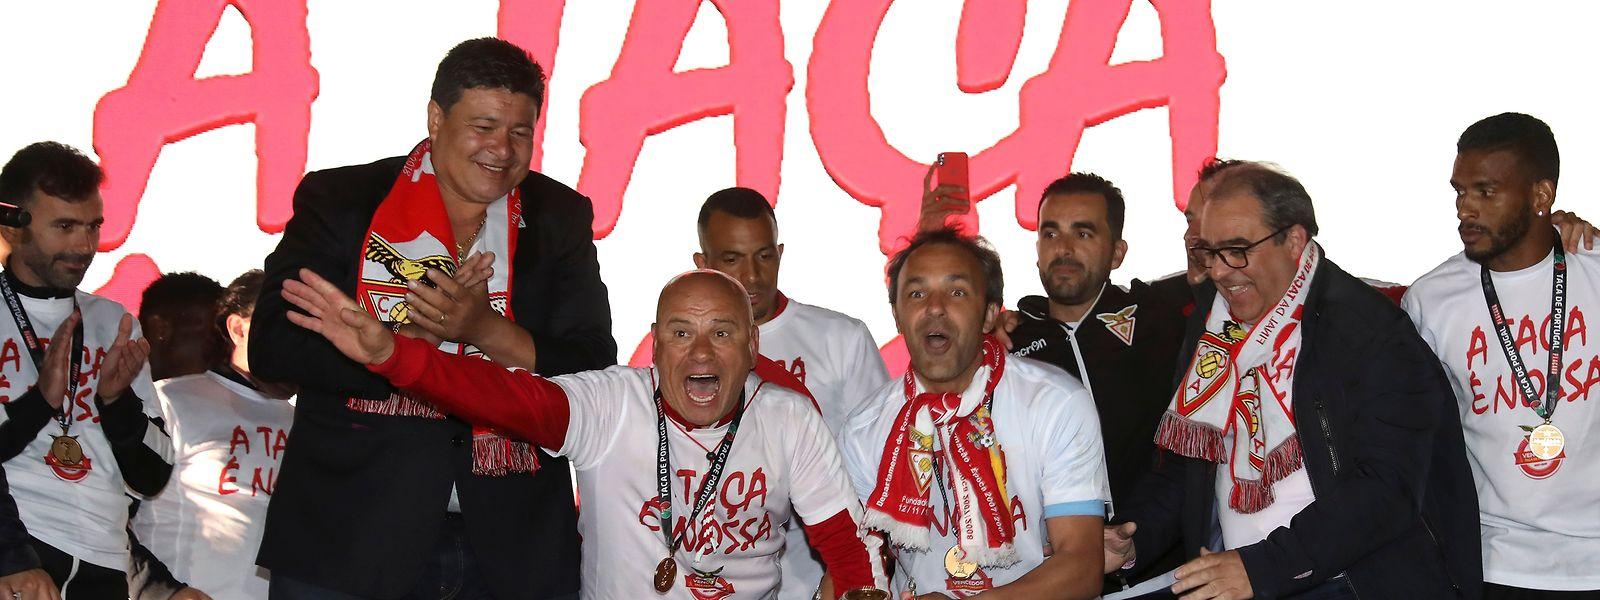 A equipa do Desportivo das Aves liderada pelo seu treinador José Mota e o guarda redes Quim festejam a conquista da Taça de Portugal de futebol frente ao Sporting à chegada à Vila das Aves, 21 de maio de 2018. MANUEL ARAÚJO/LUSA